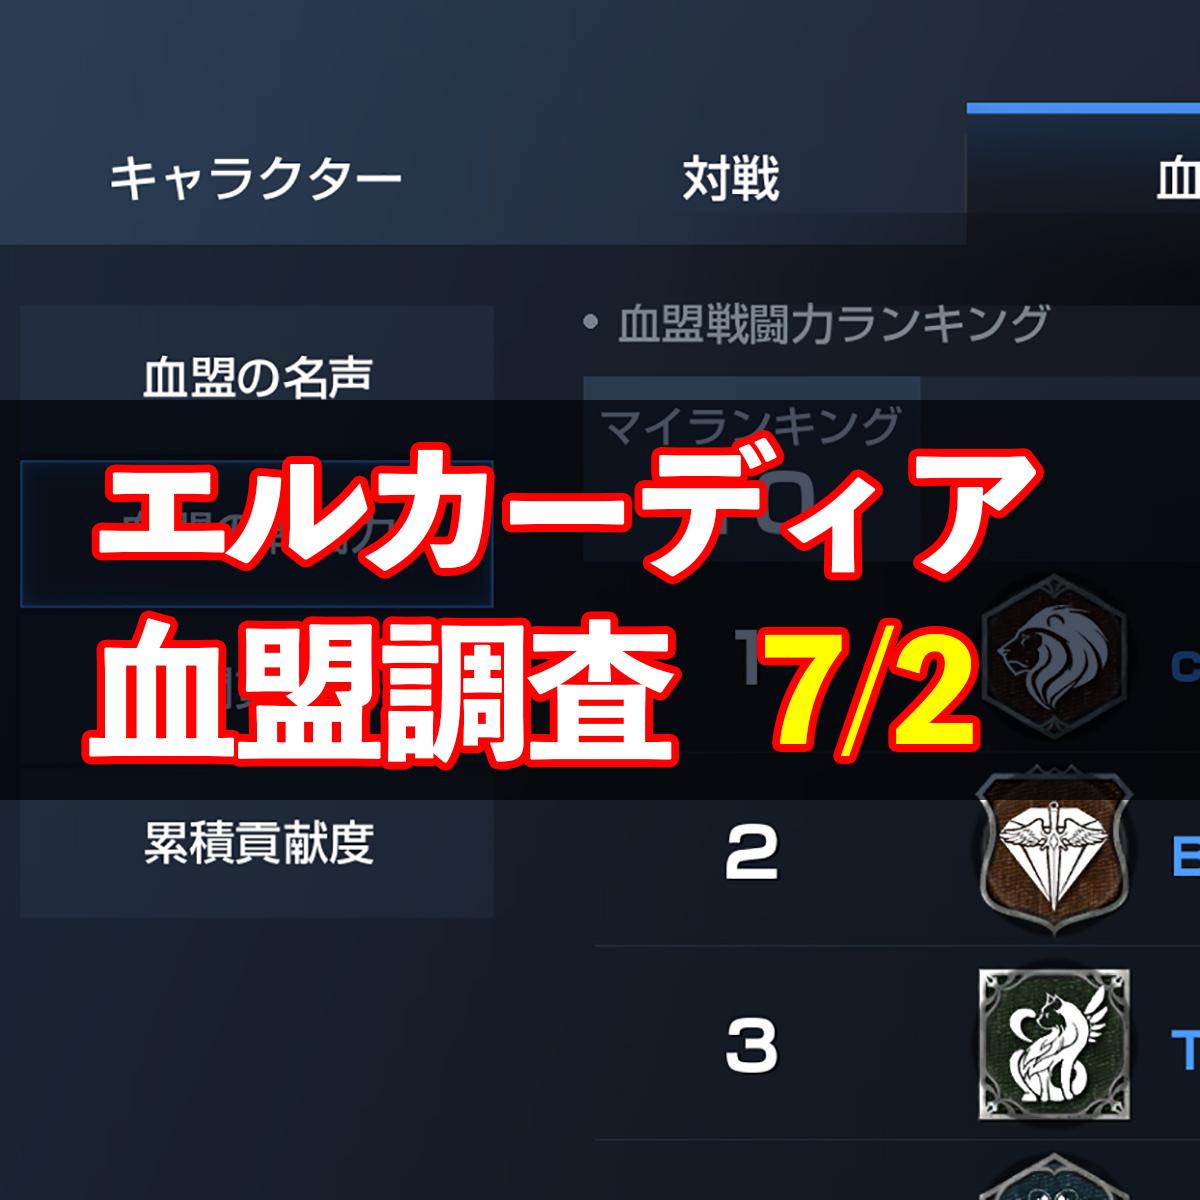 7/2エルカーディア情報|上位血盟の戦力を徹底分析!